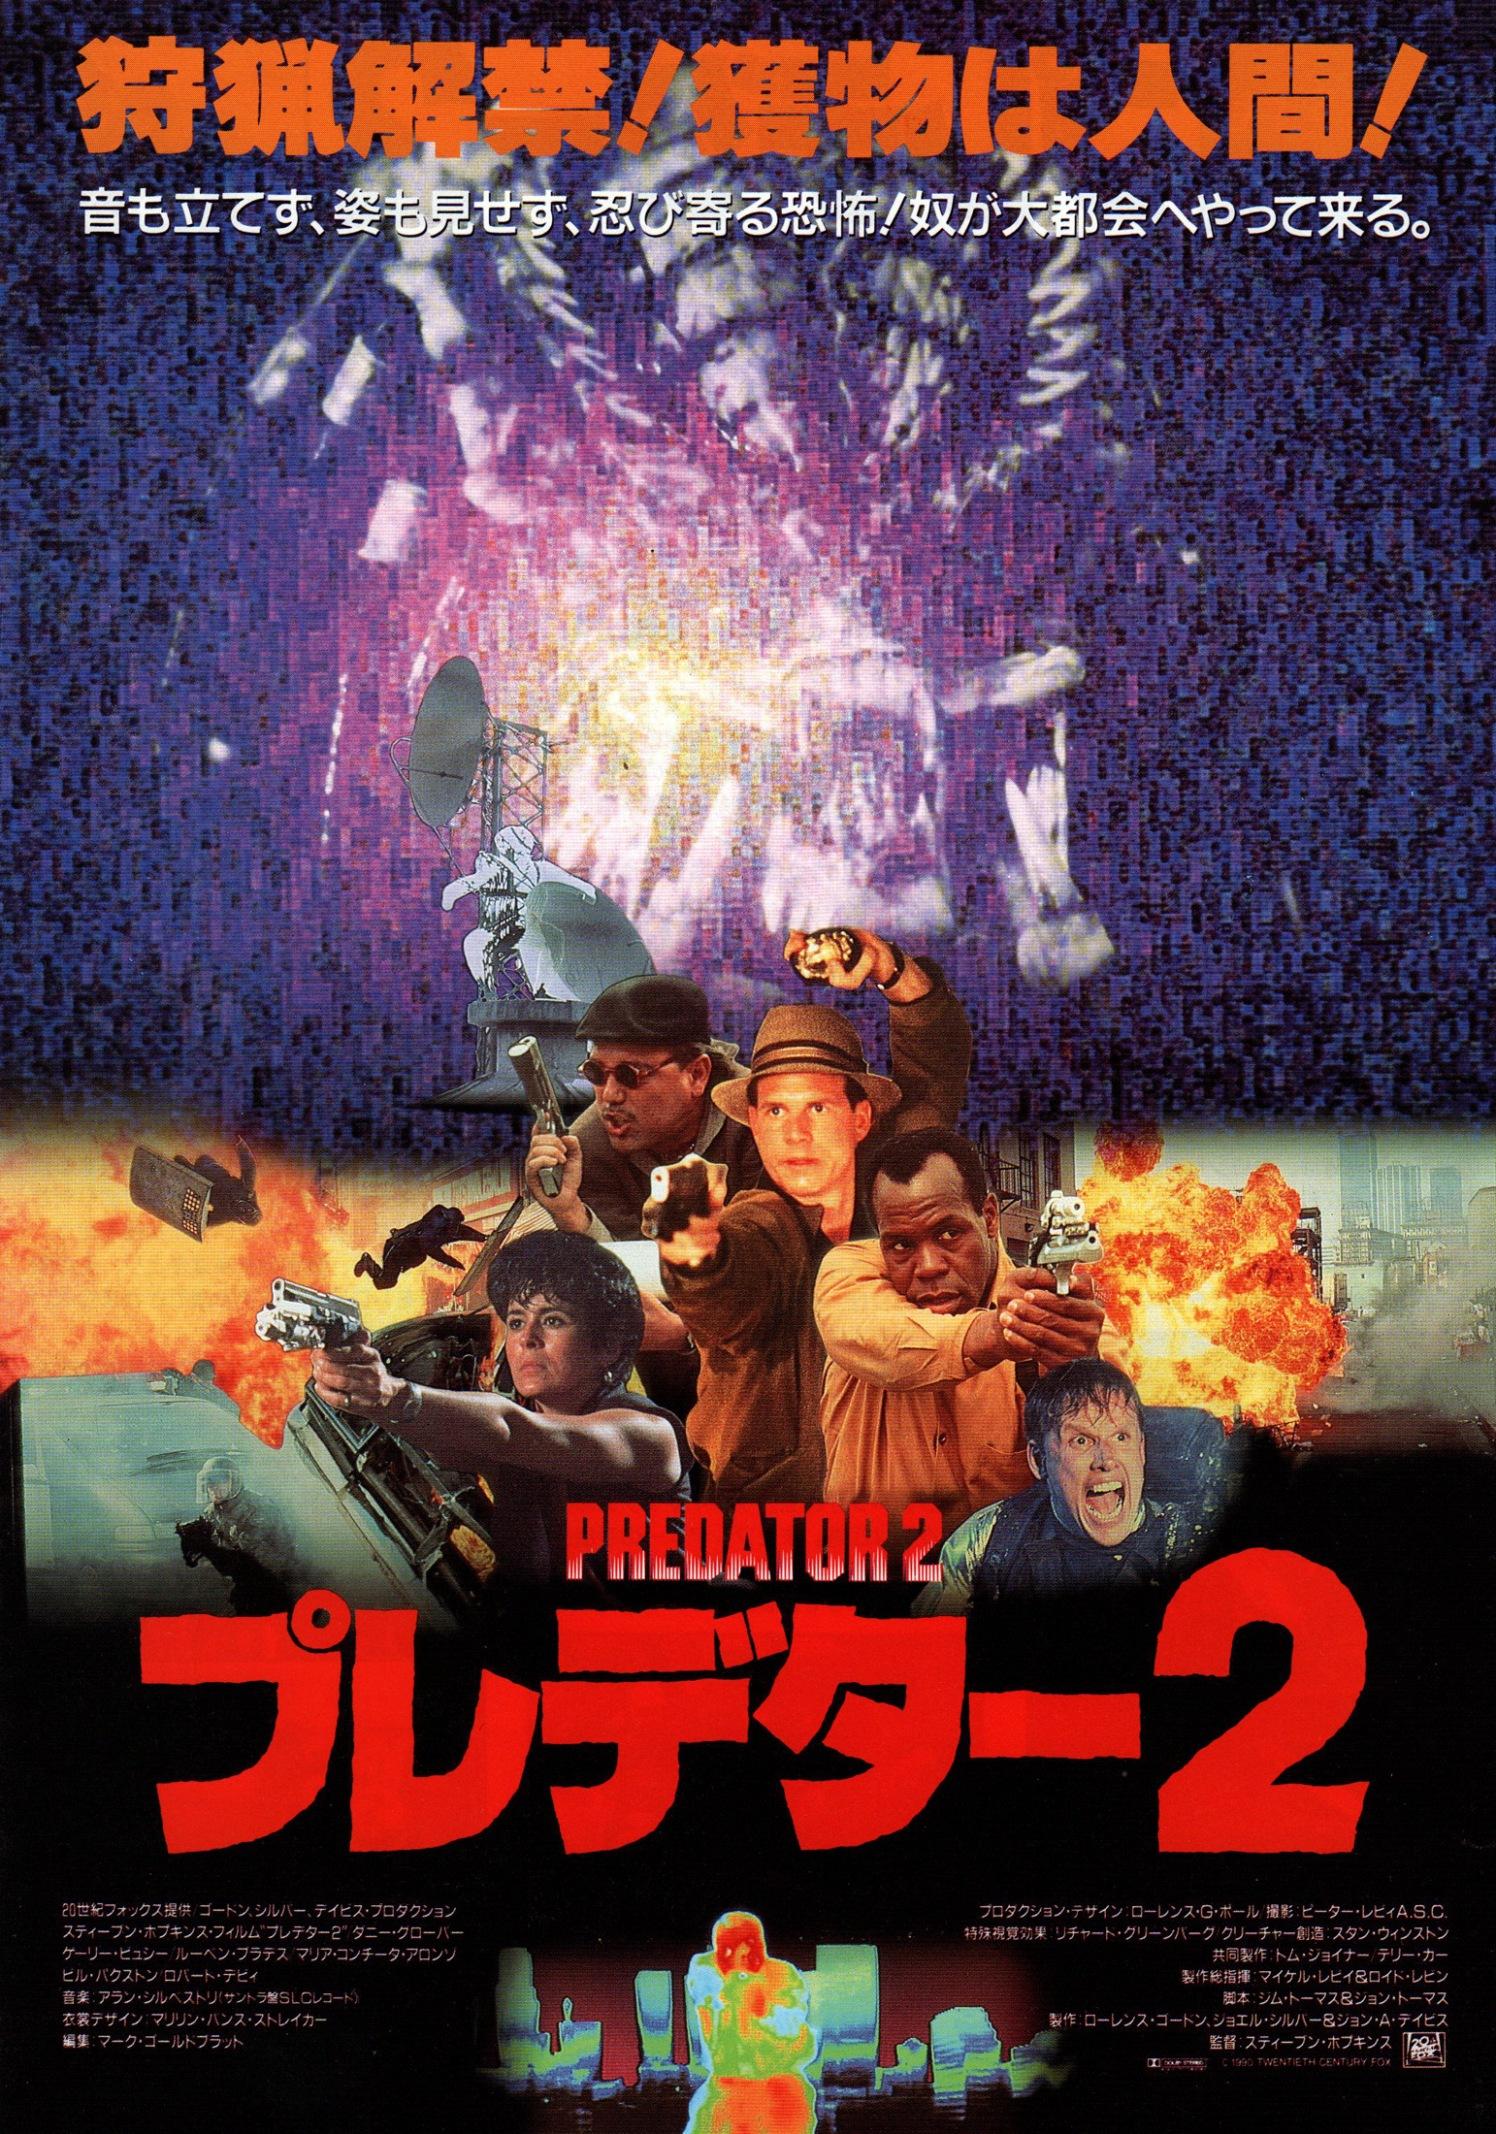 predator2-japani2-1